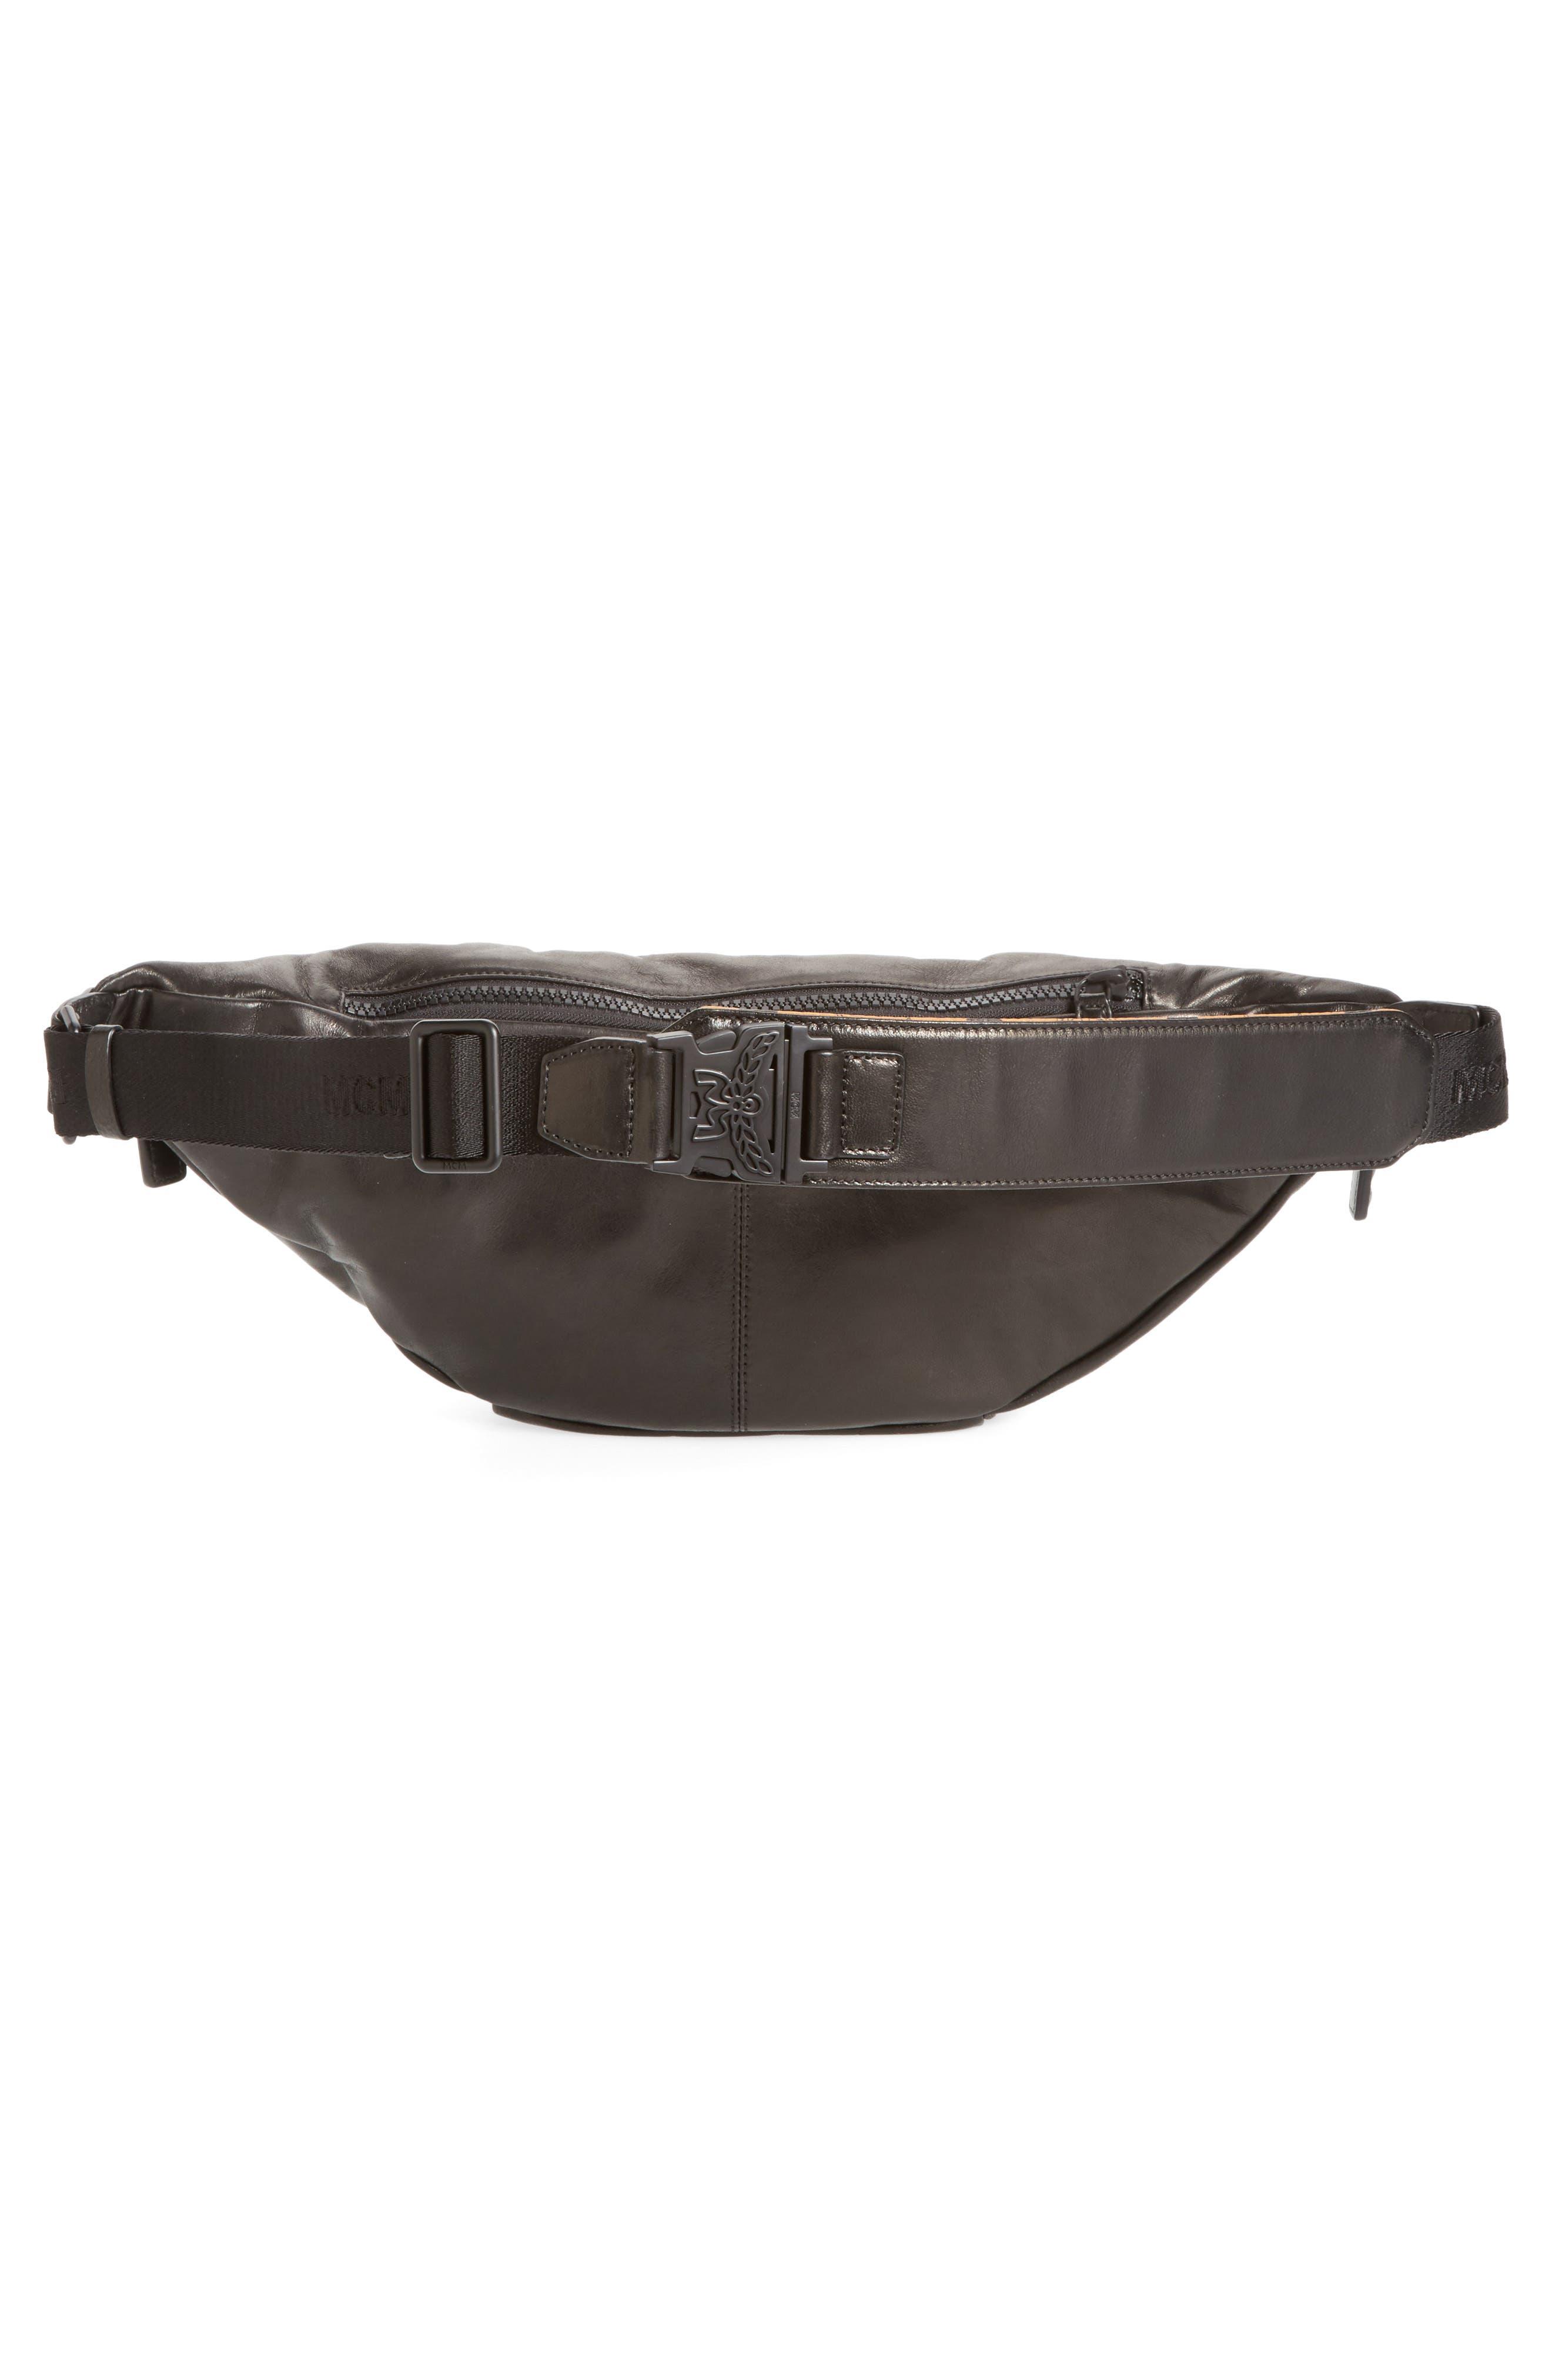 Alternate Image 3  - MCM Leather Waist Bag